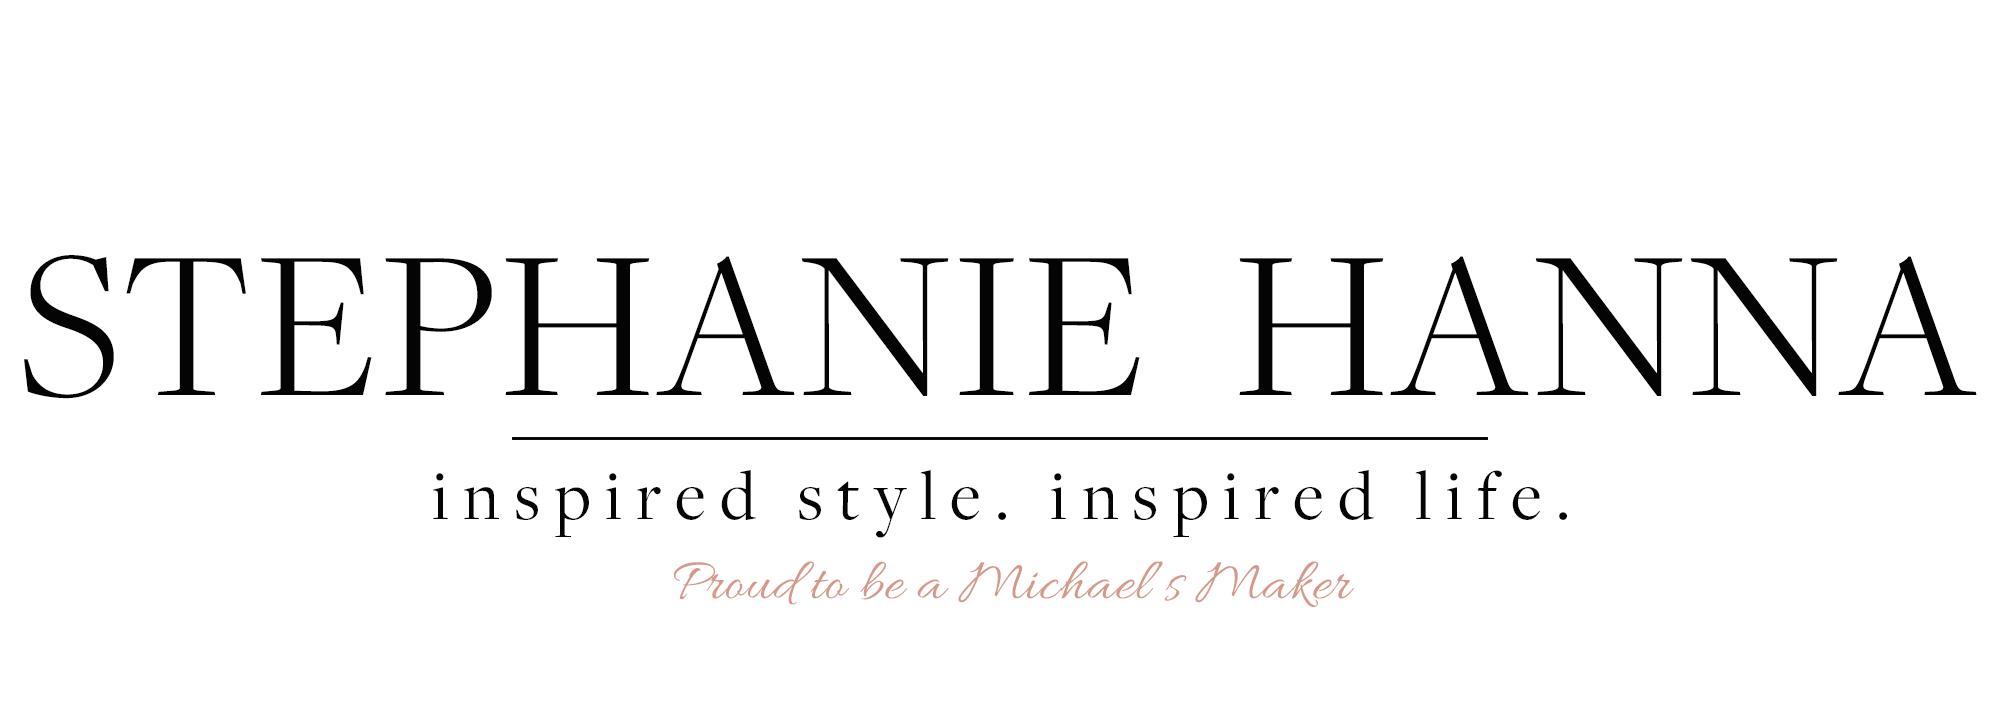 Stephanie Hanna Blog